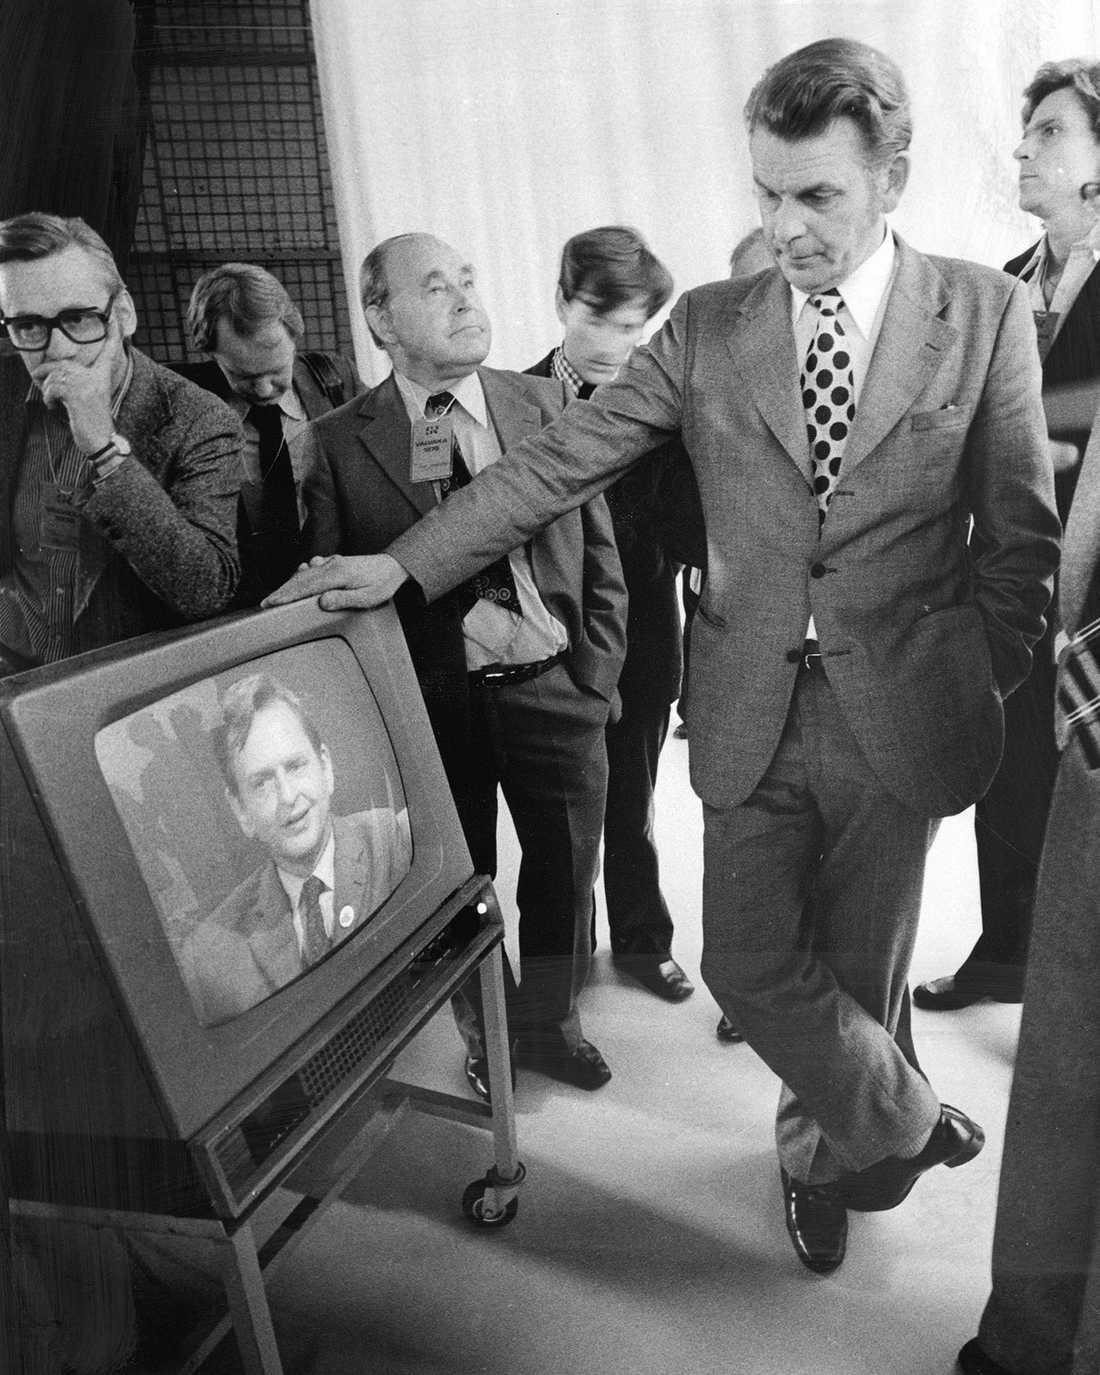 Riksdagsvalet 1976. Thorbjörn Fälldin segrade i valet och ser Olof Palme på tv där han erkänner sig besegrad.